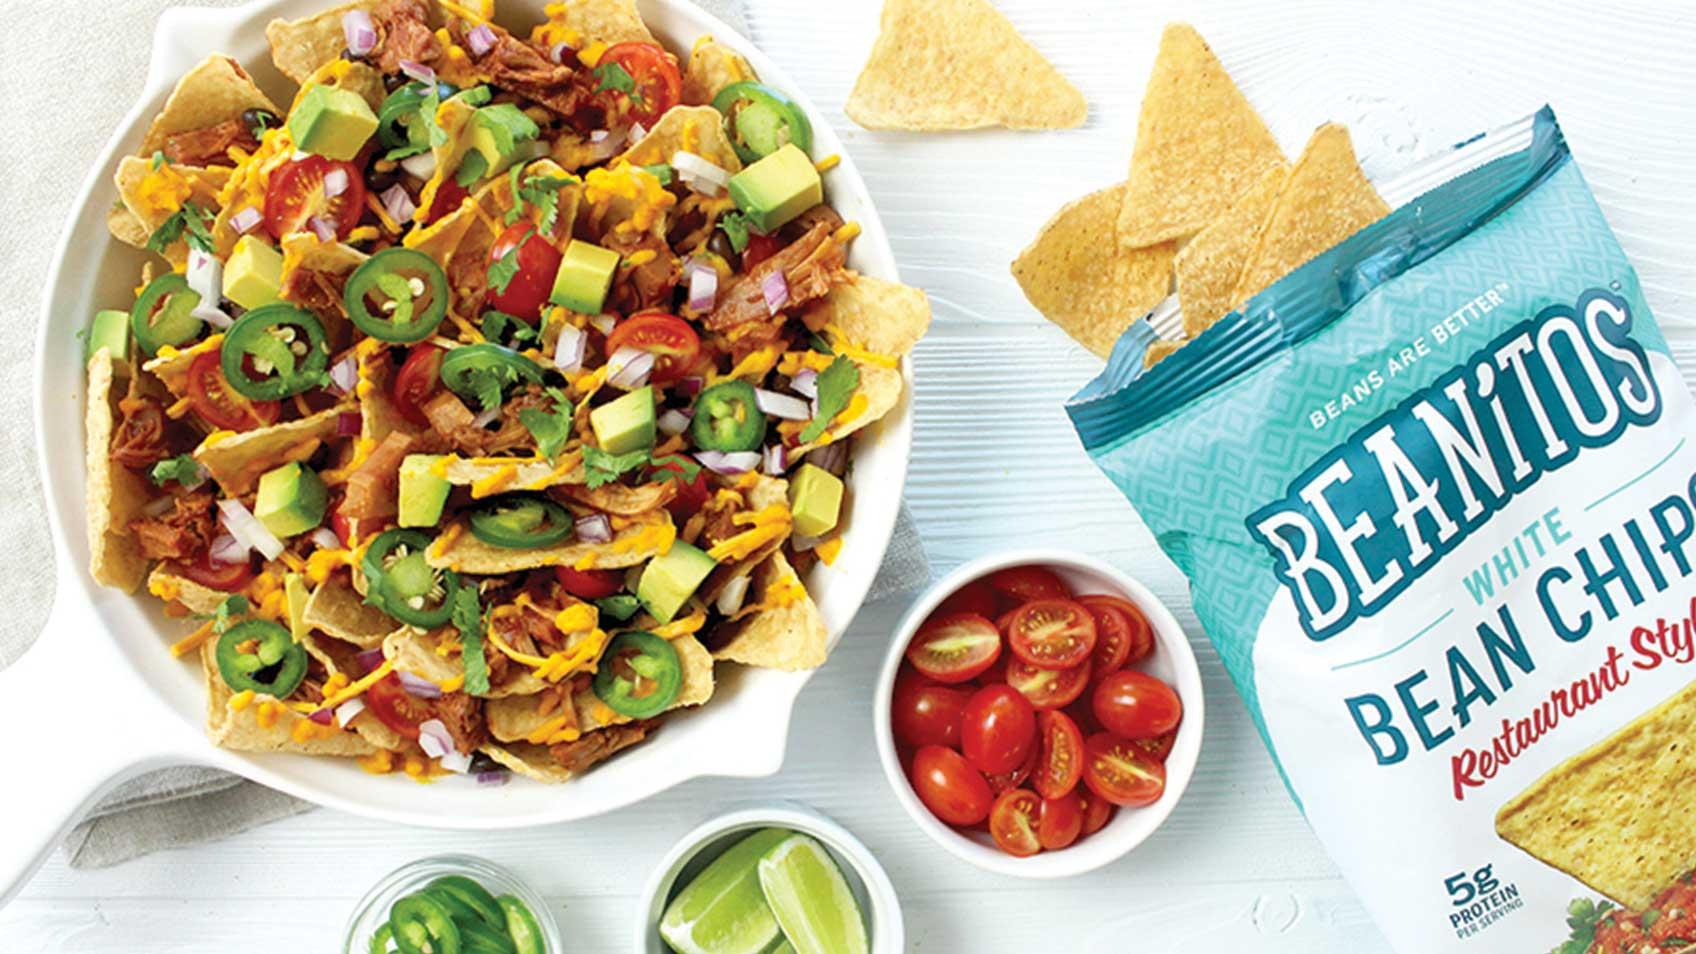 Taco bell burrito supreme recipe